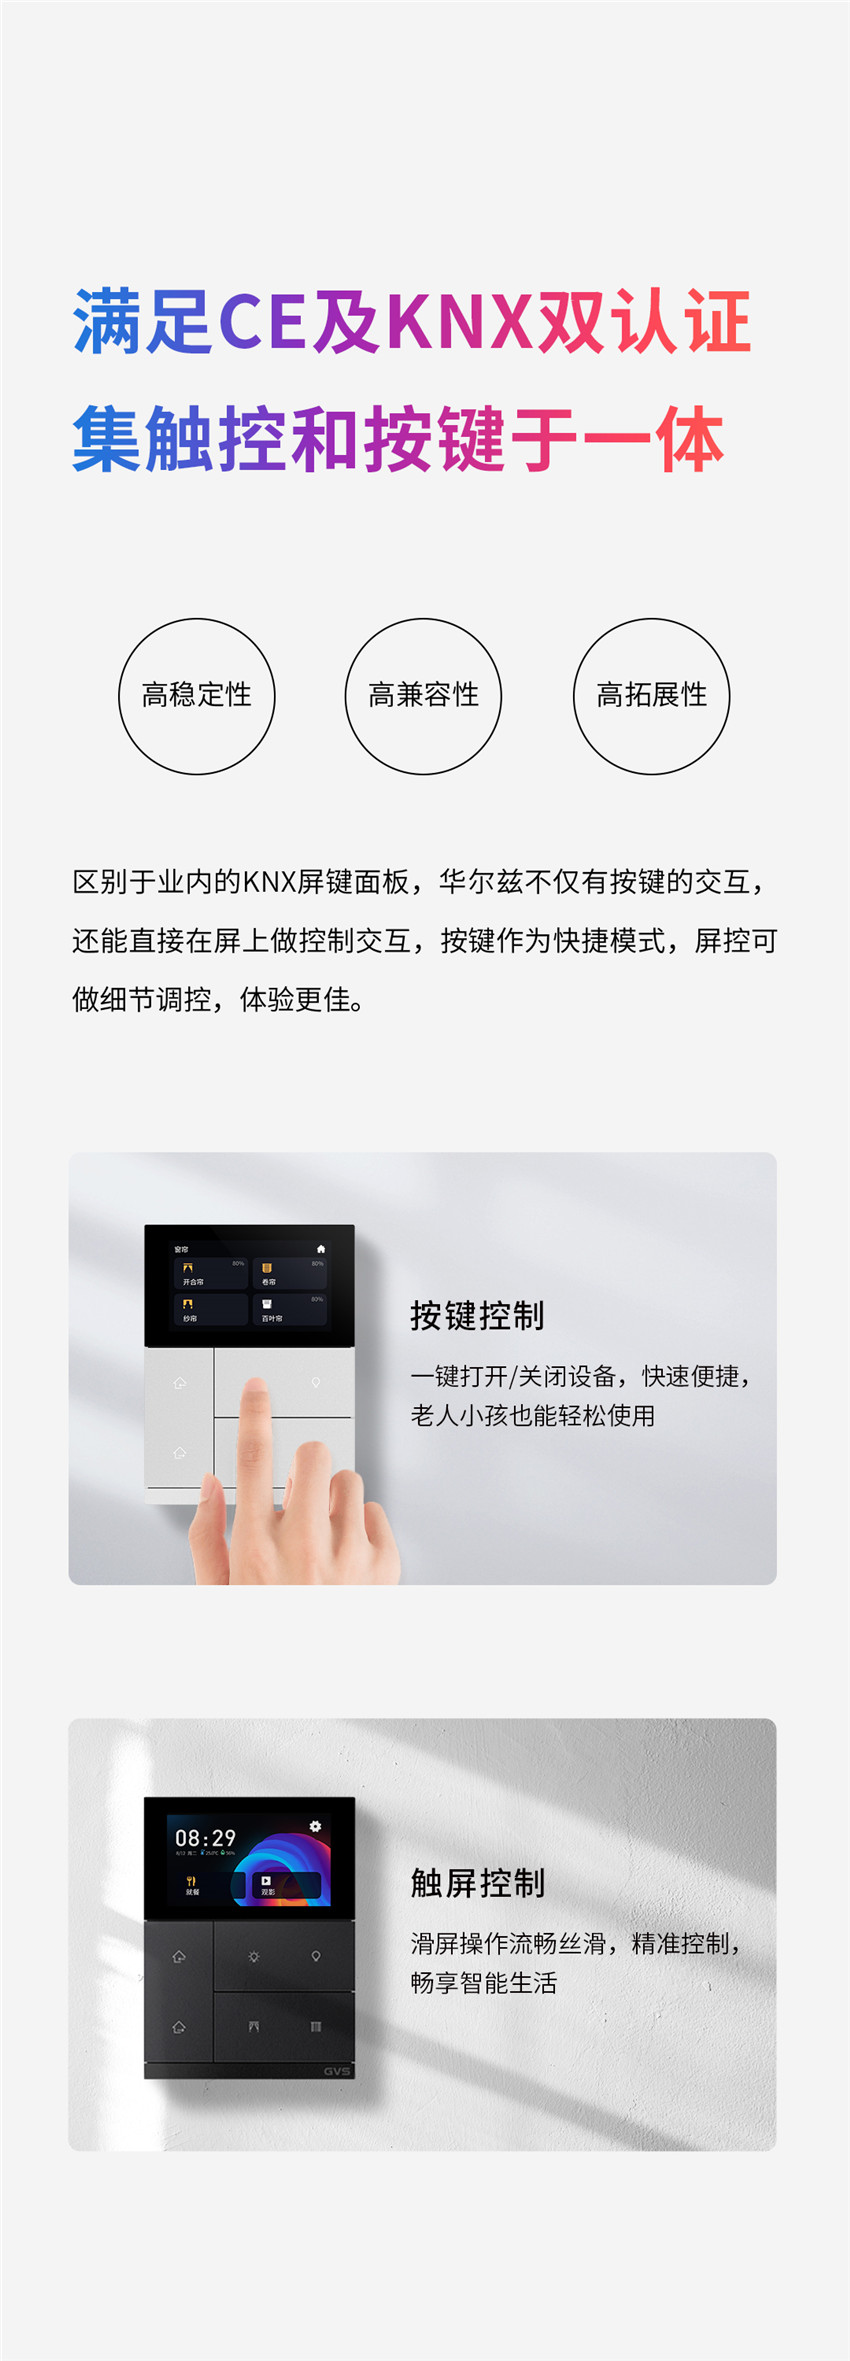 澳门金沙在线上市 | 三大行业创新,华尔兹智能面板正式亮相!